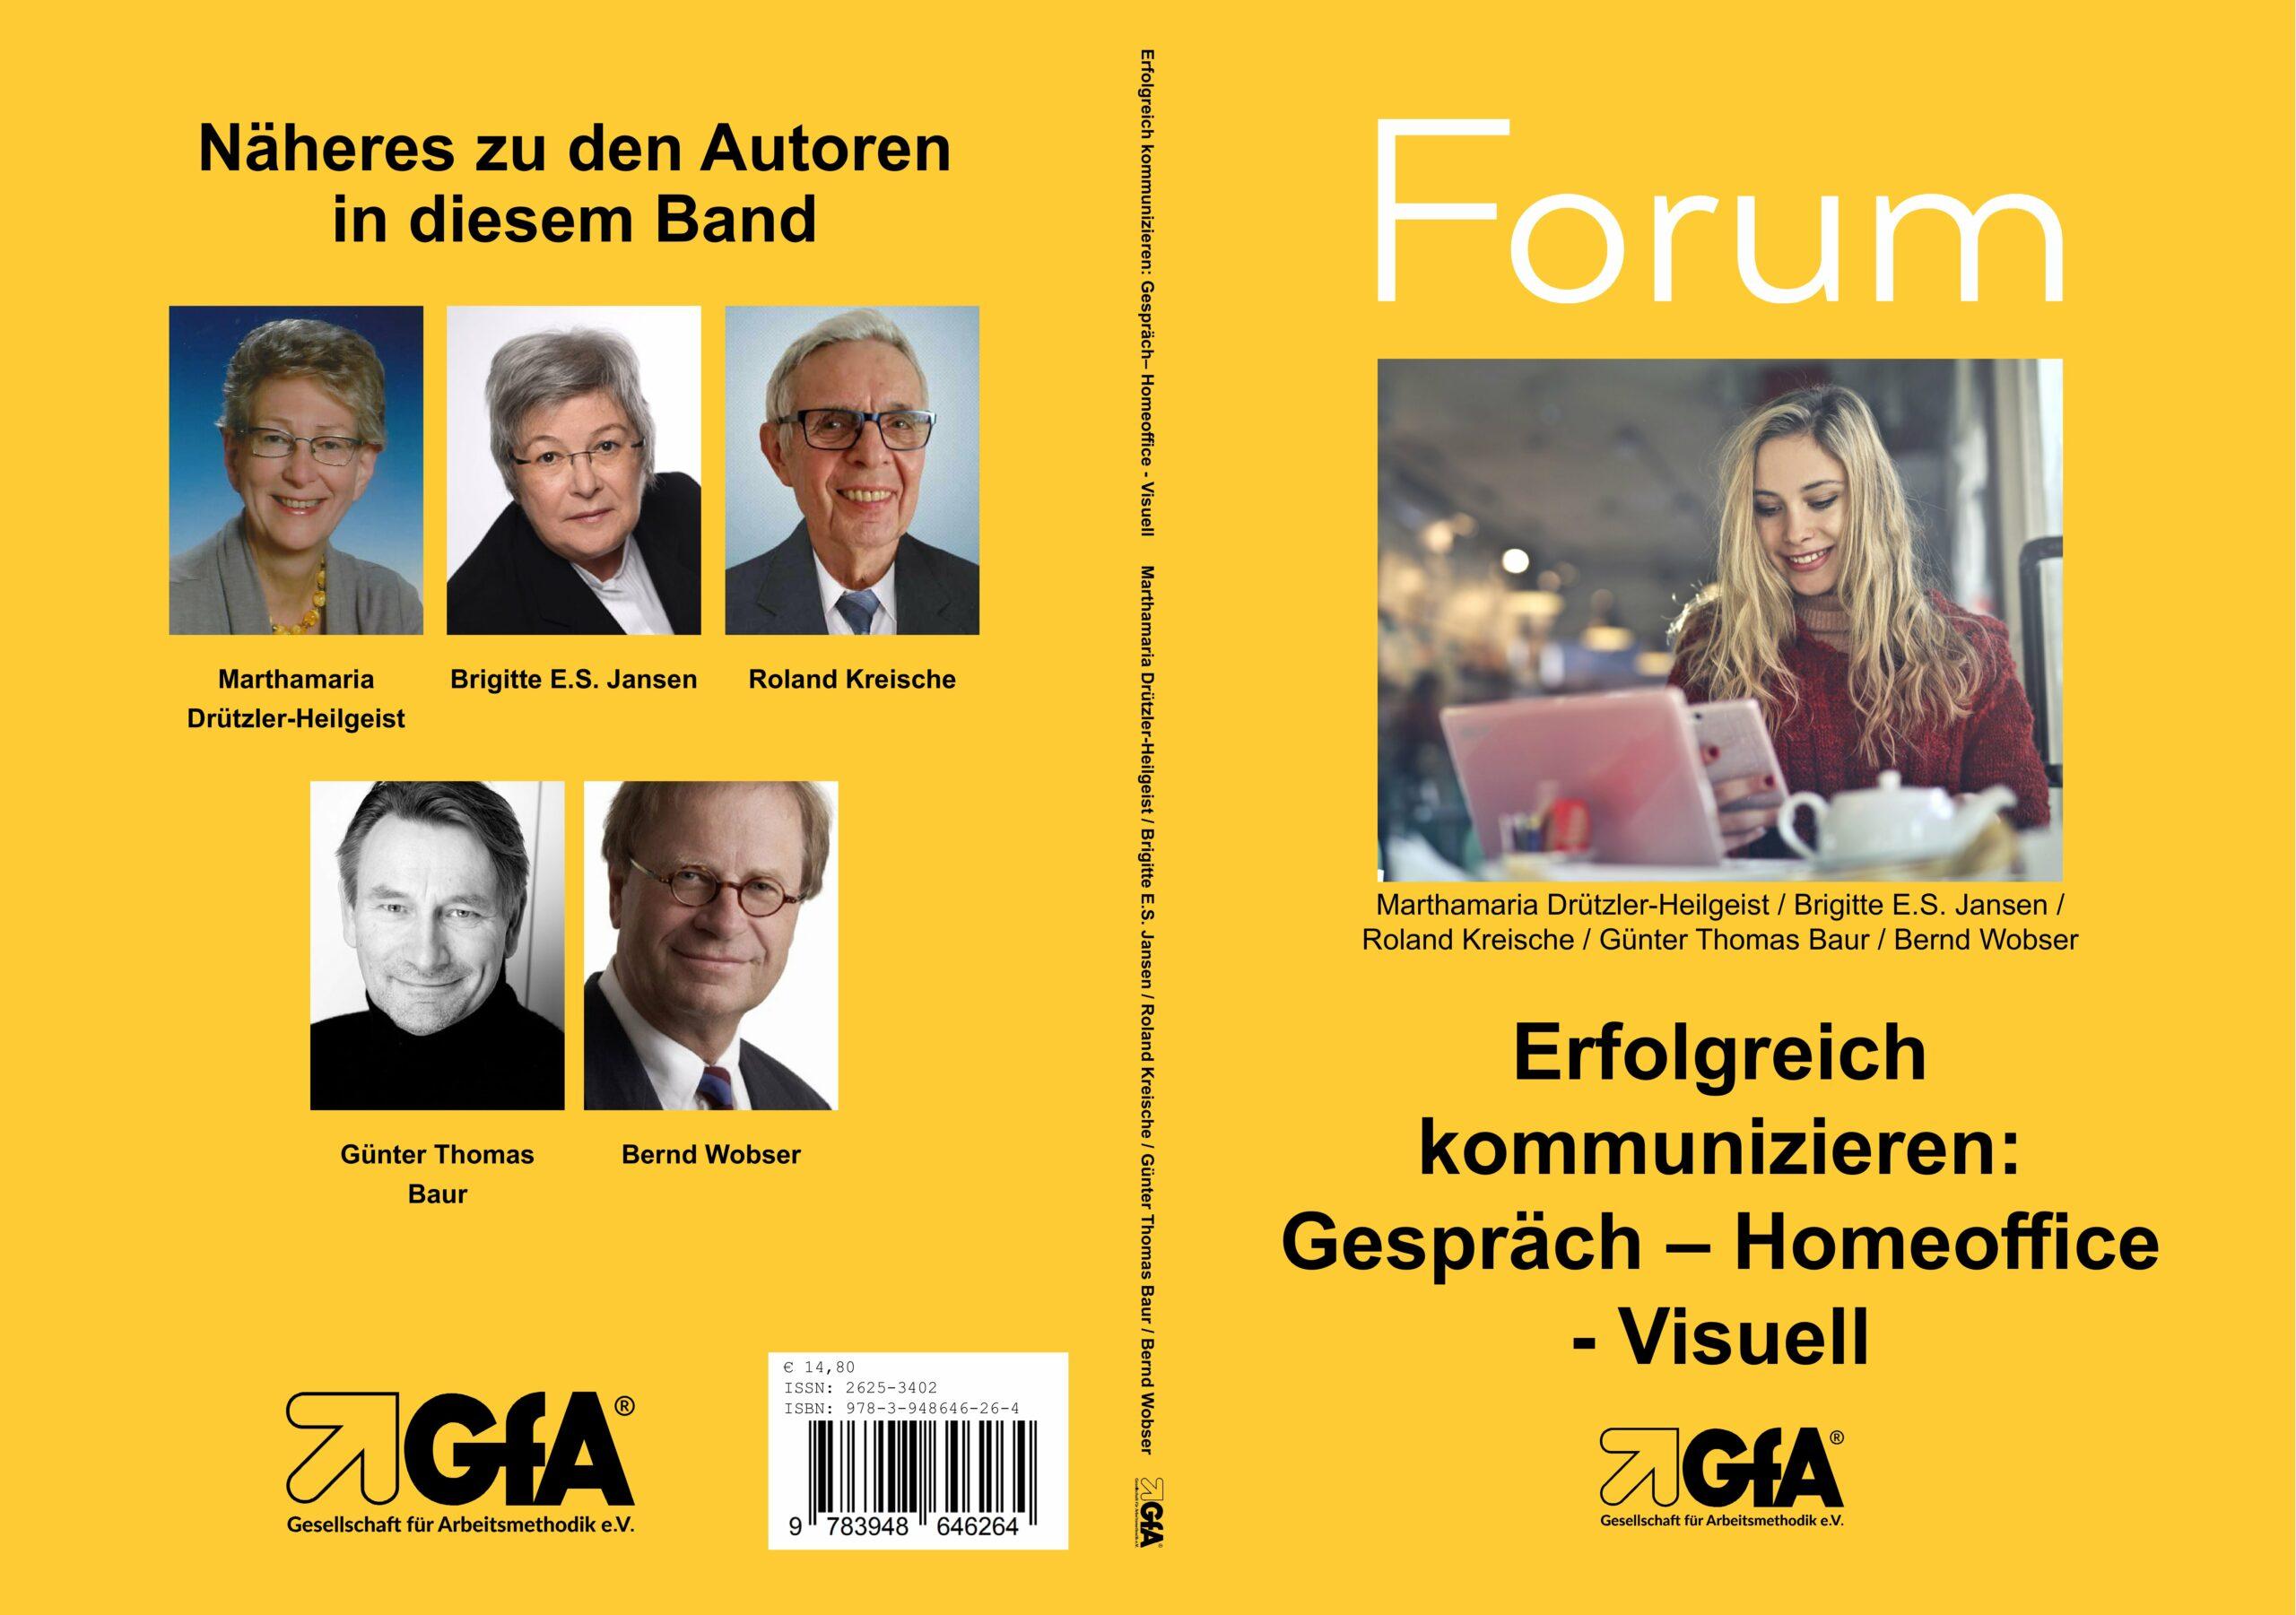 Erfolgreich kommunizieren GfA